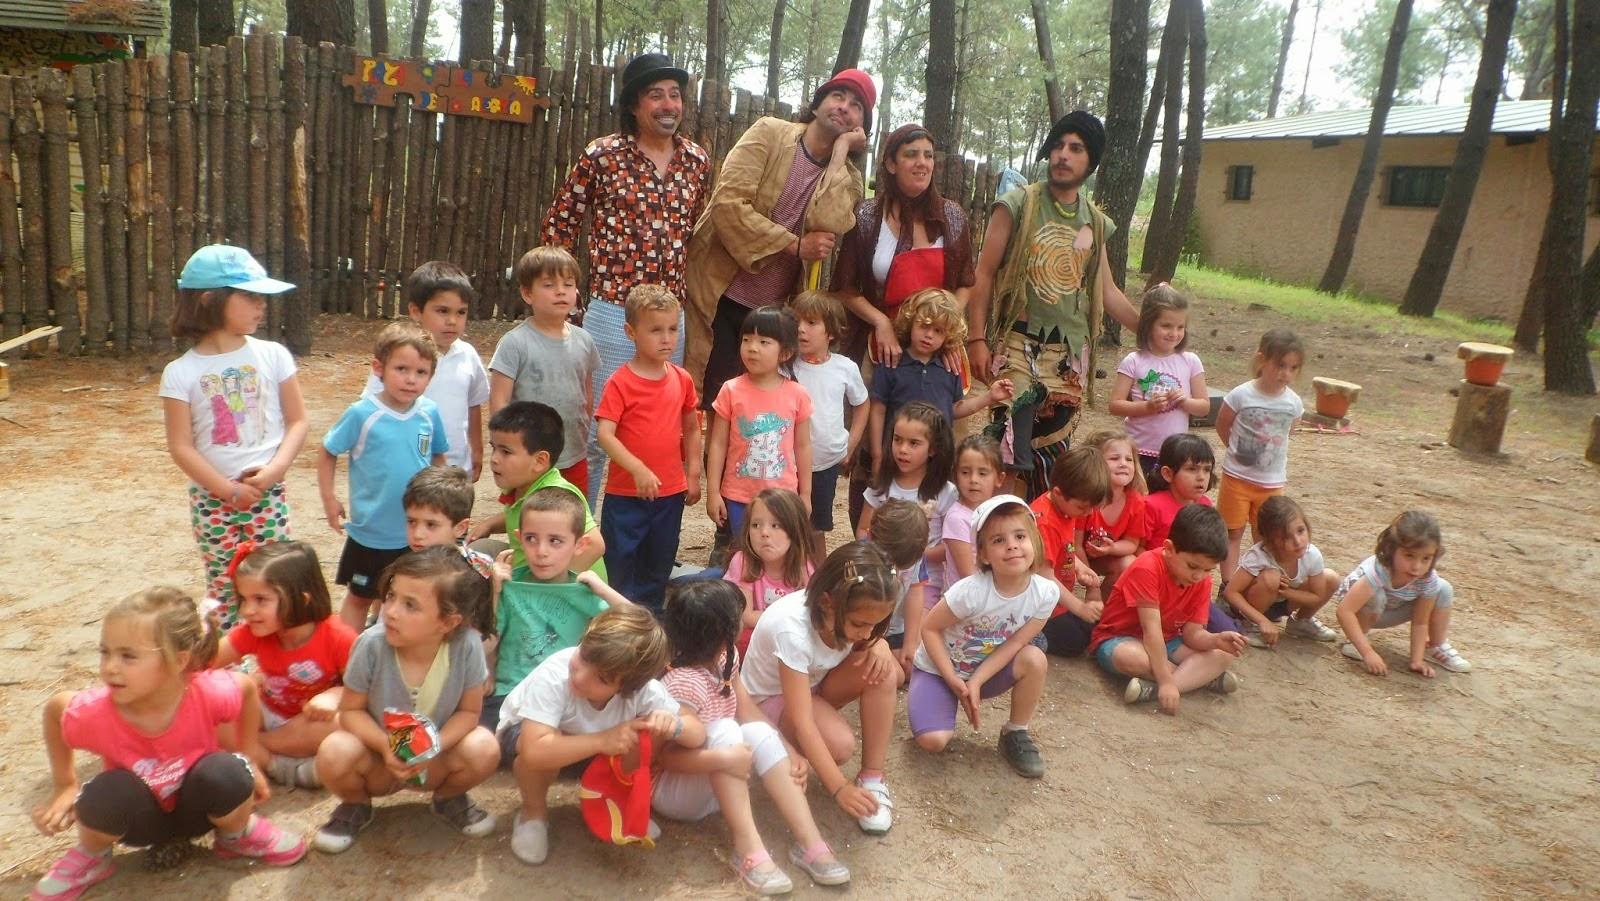 http://aulainfantil-rocio.blogspot.com.es/2014/05/salida-al-quinto-pino.html